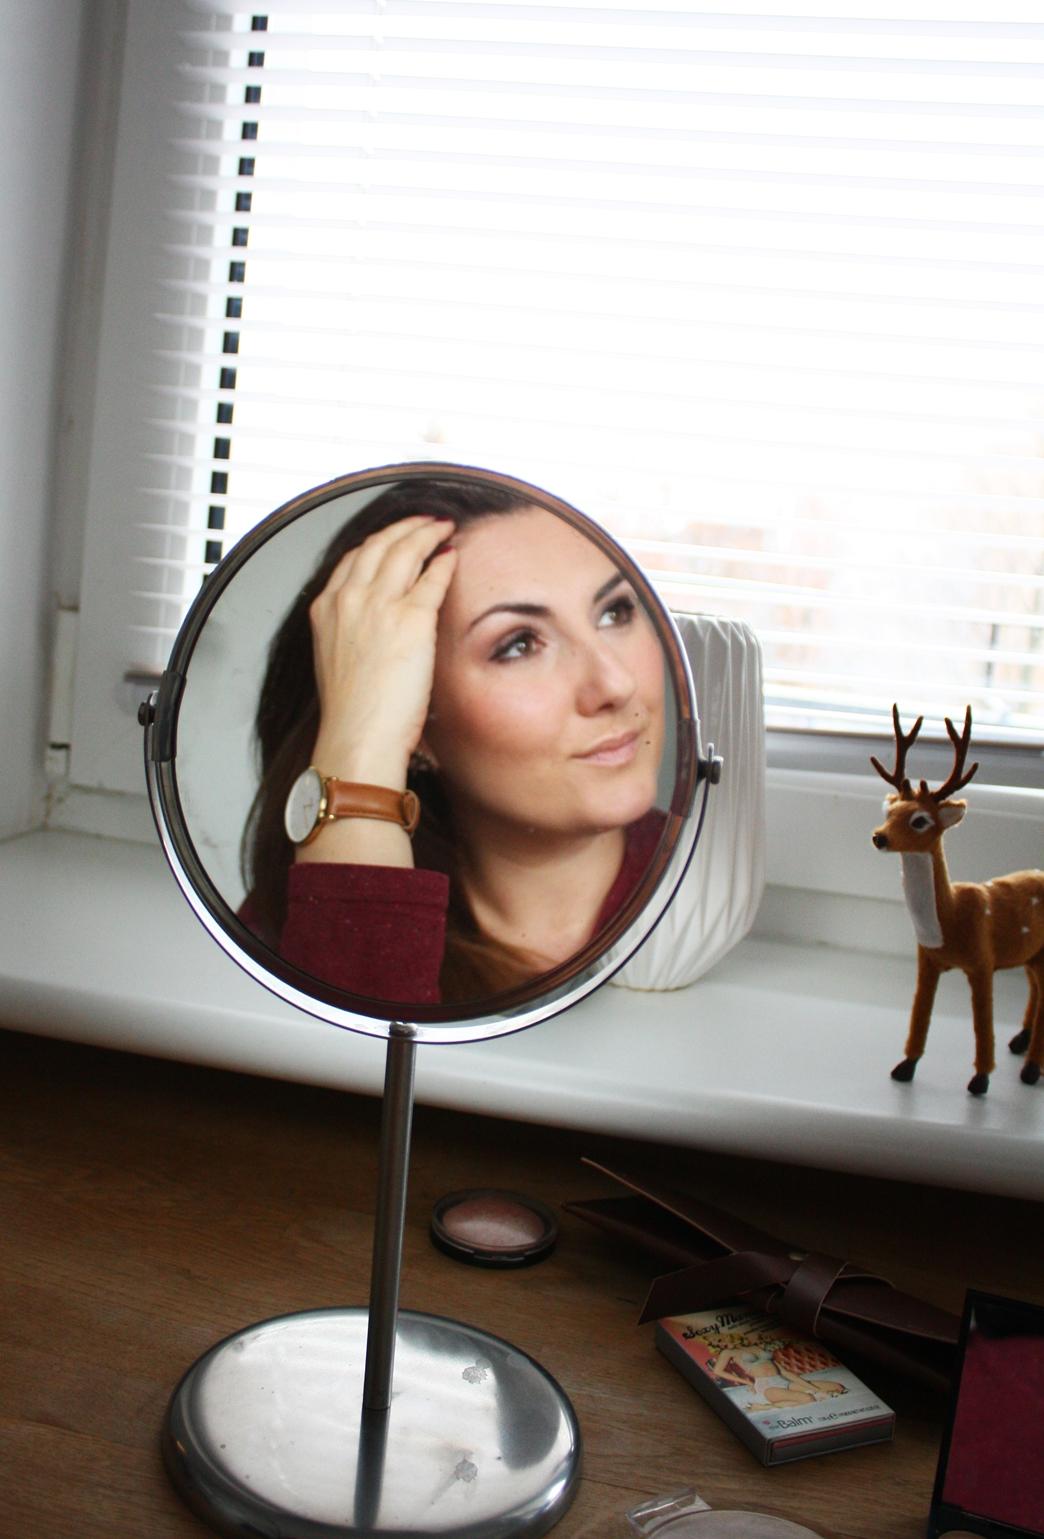 Portret Kobiecy Mrspolkadot